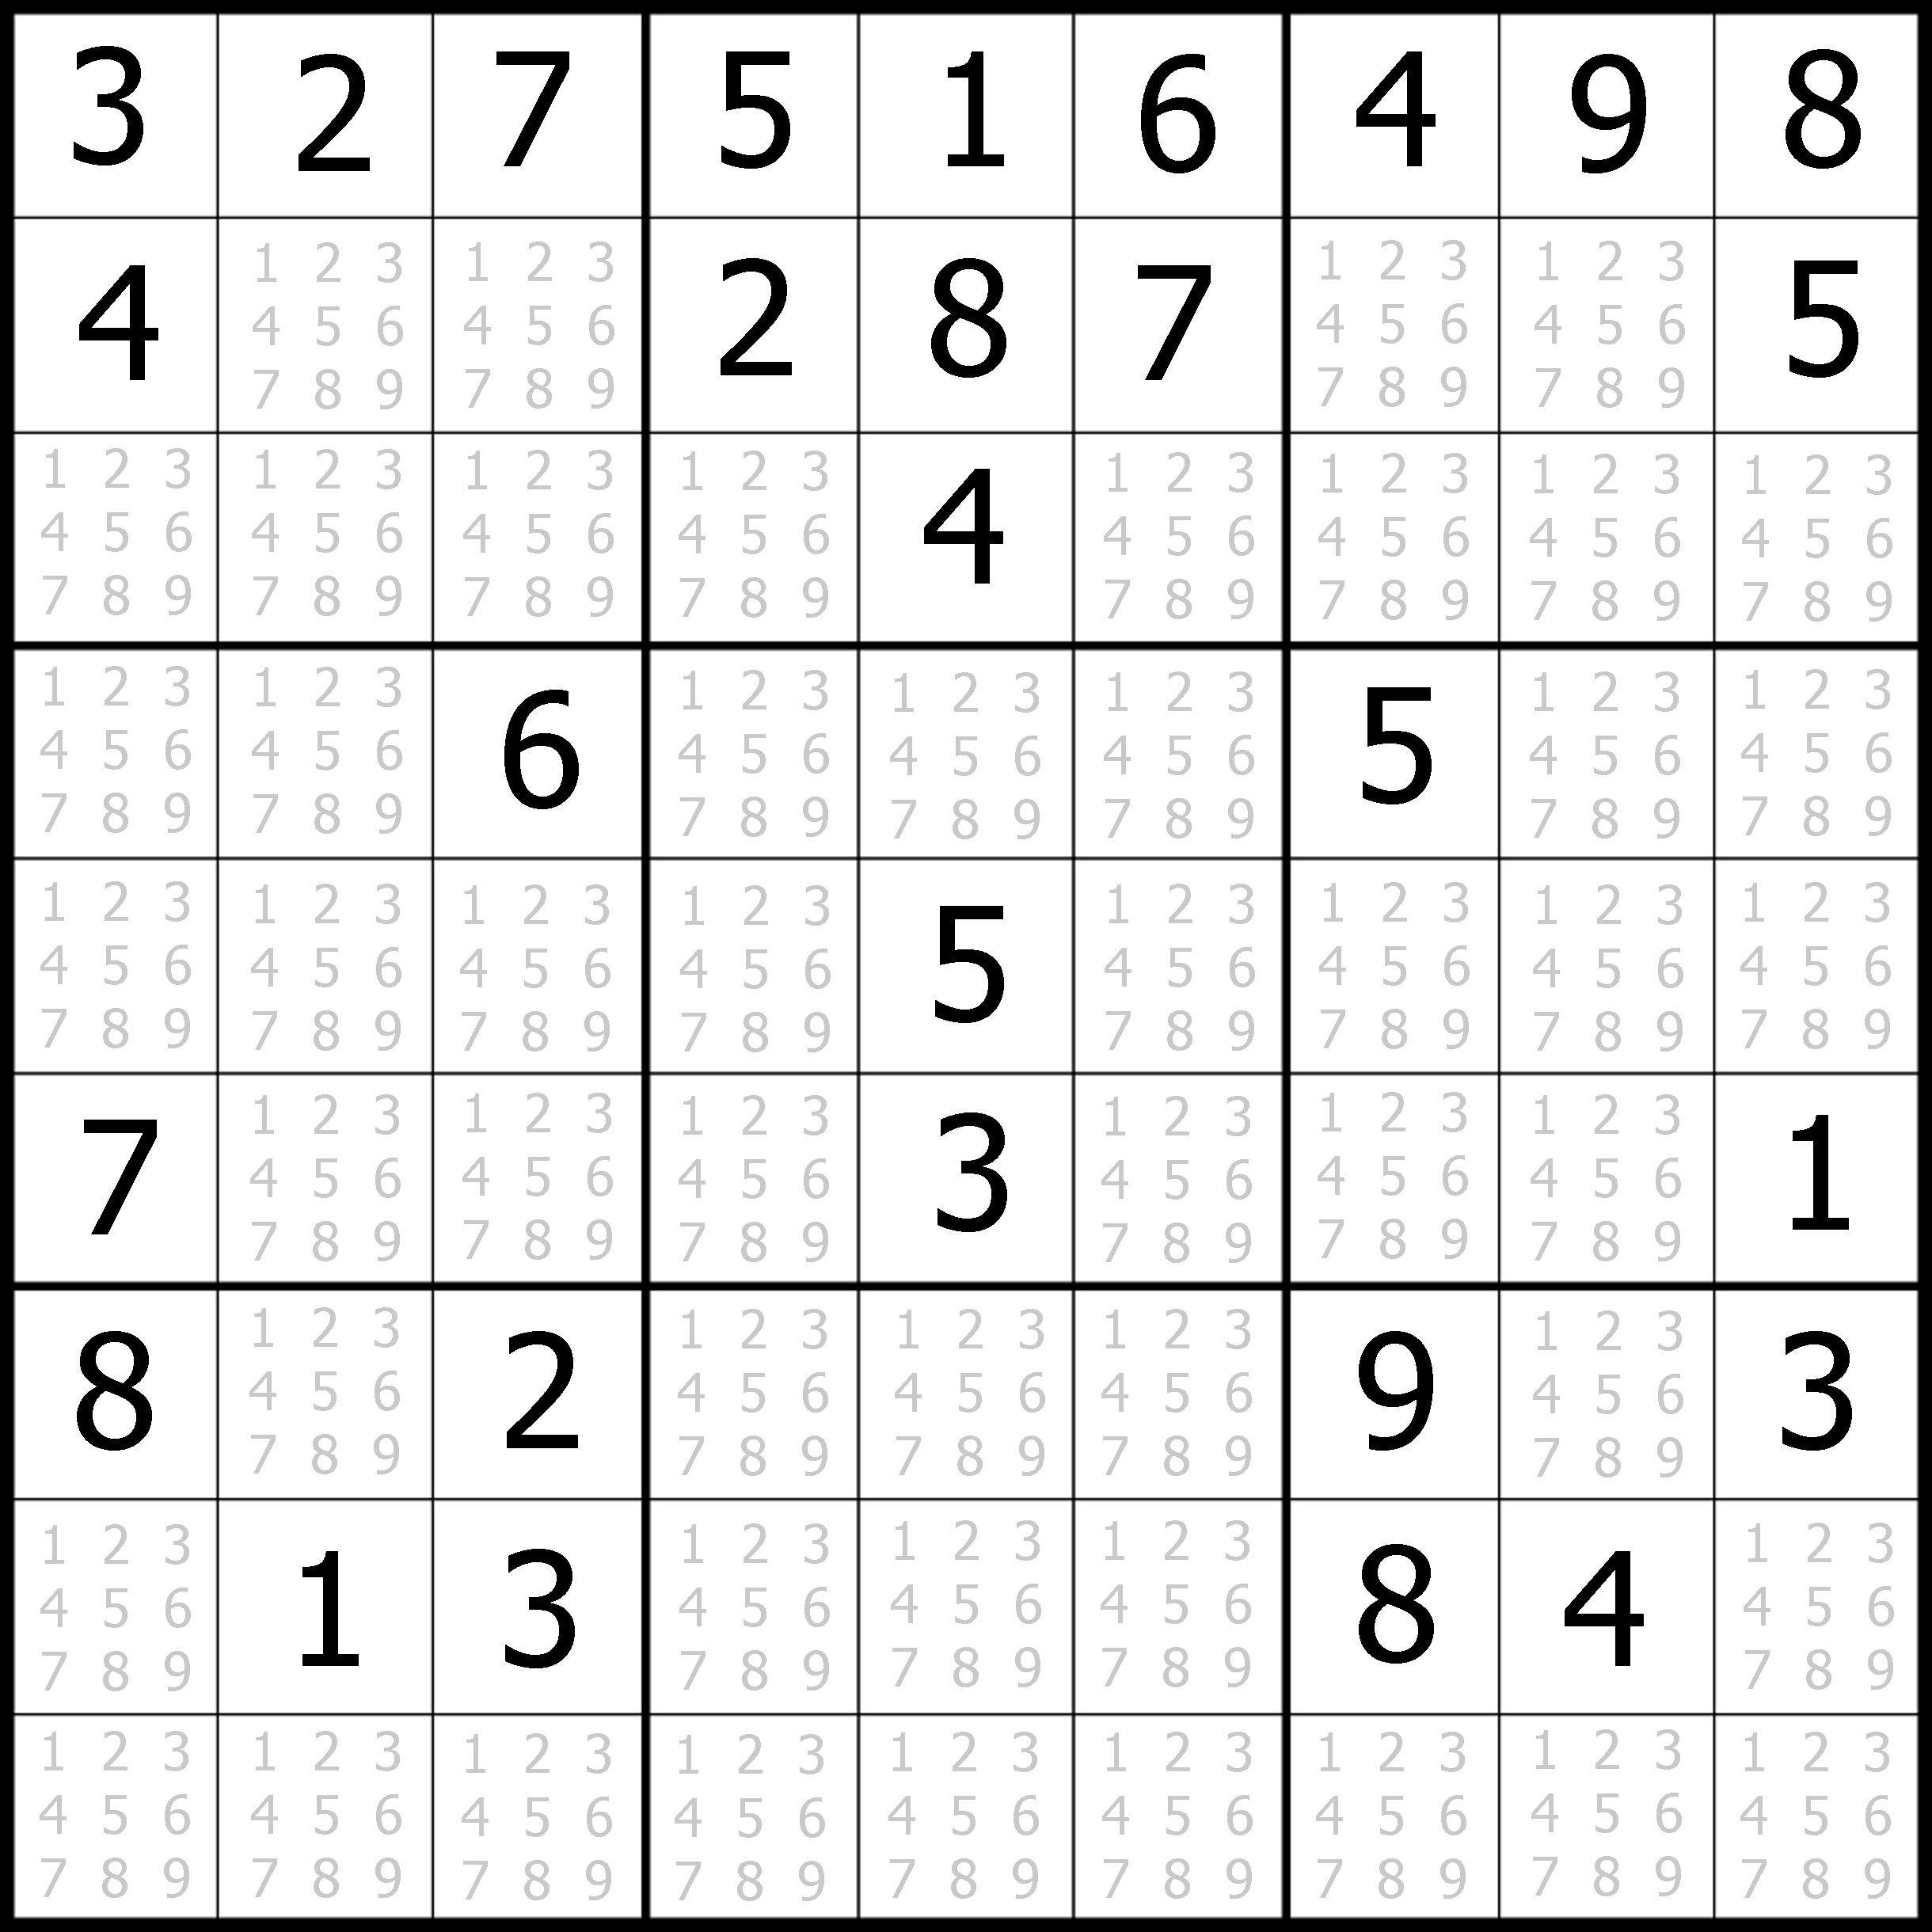 Sudoku Printable | Free, Medium, Printable Sudoku Puzzle #1 | My - Printable Puzzles Sudoku